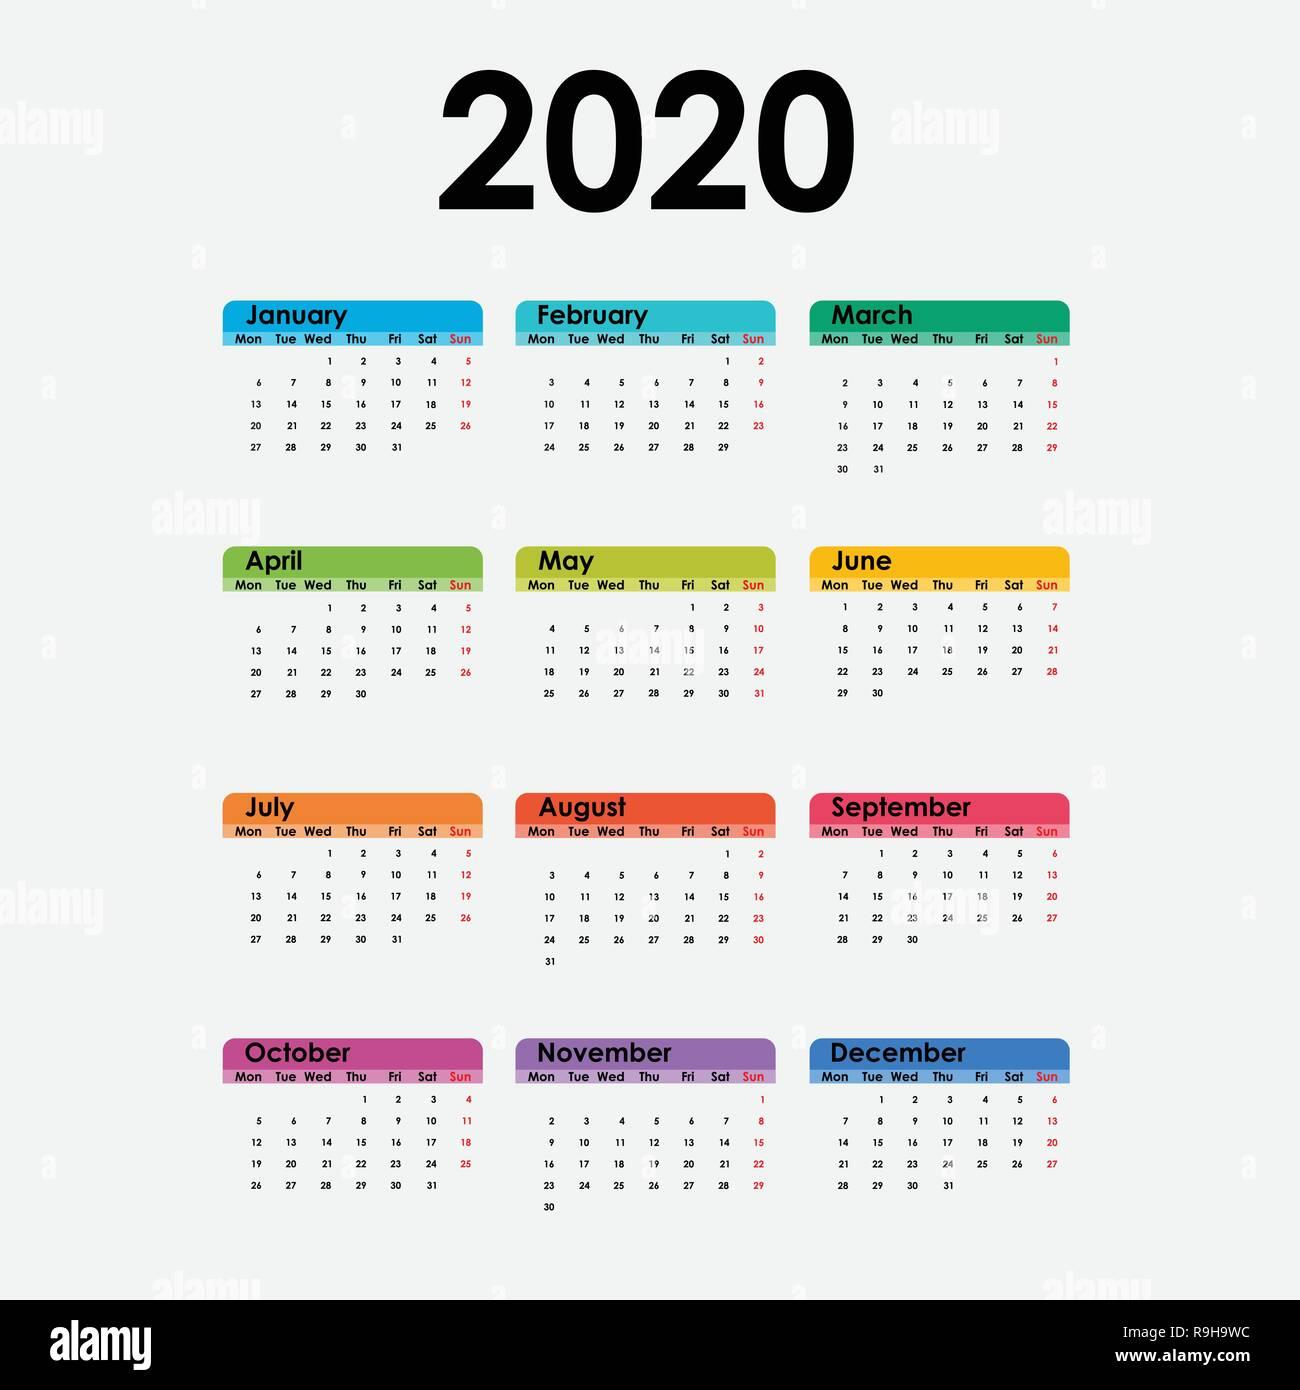 Modele De Calendrier 2020.Calendrier 2020 Calendrier 2020 Modele Lot De 12 Mois